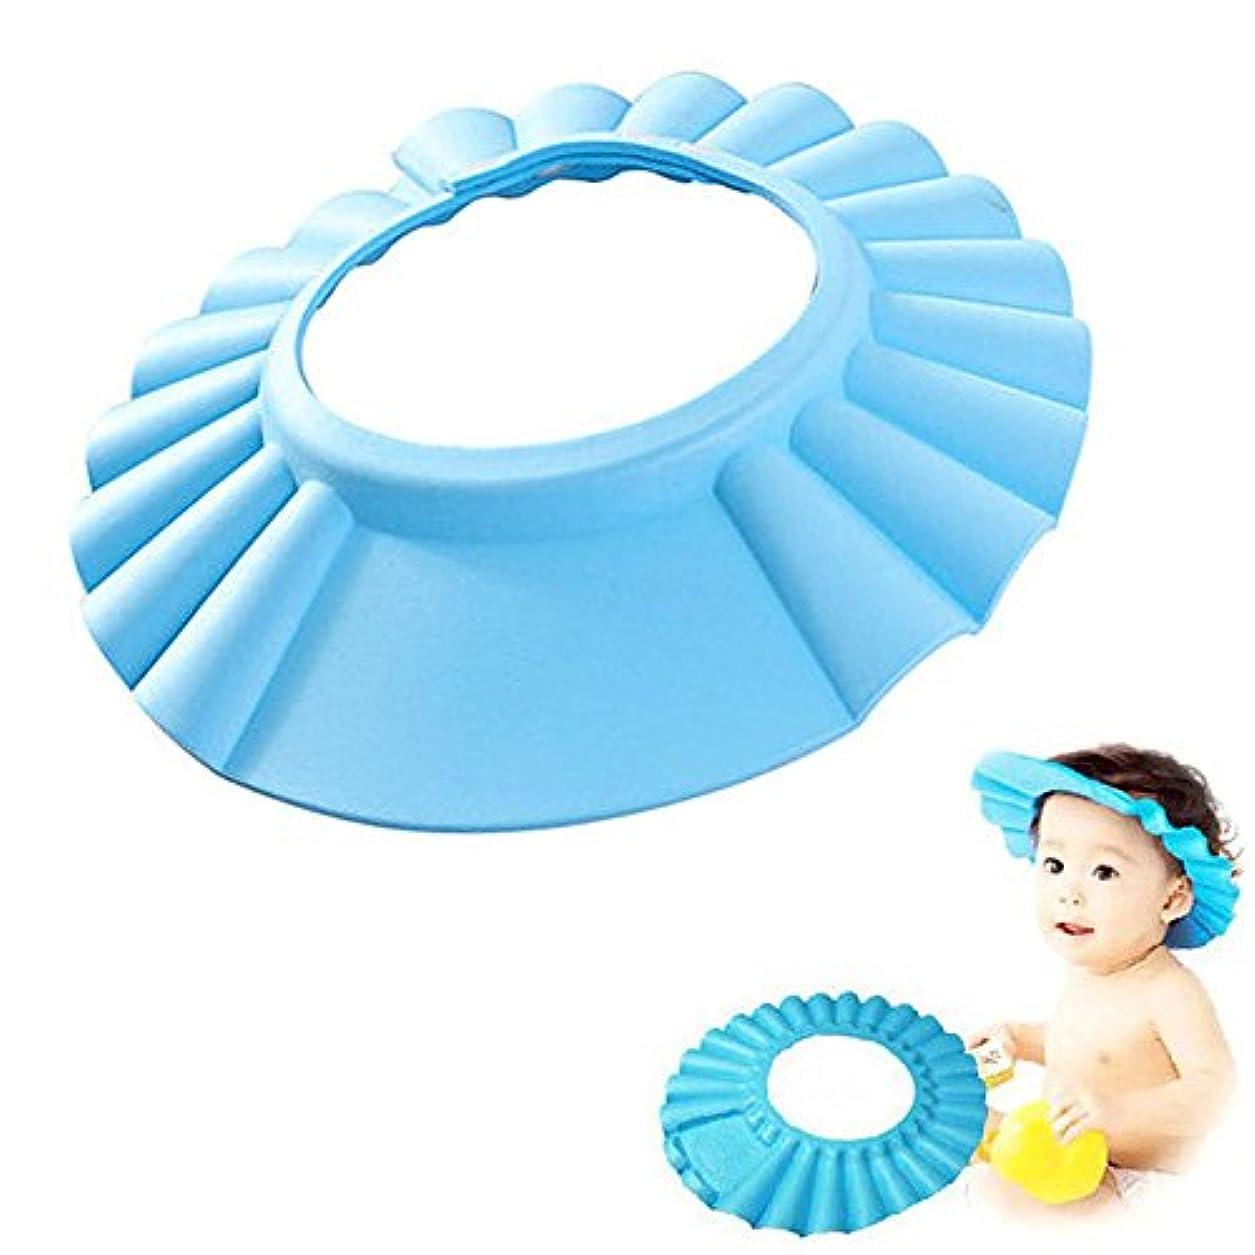 週間オーロックめるシャンプーハット 子供 洗髪用帽子 お風呂 防水帽 水漏れない樹脂 サイズ調節 (ブルー)